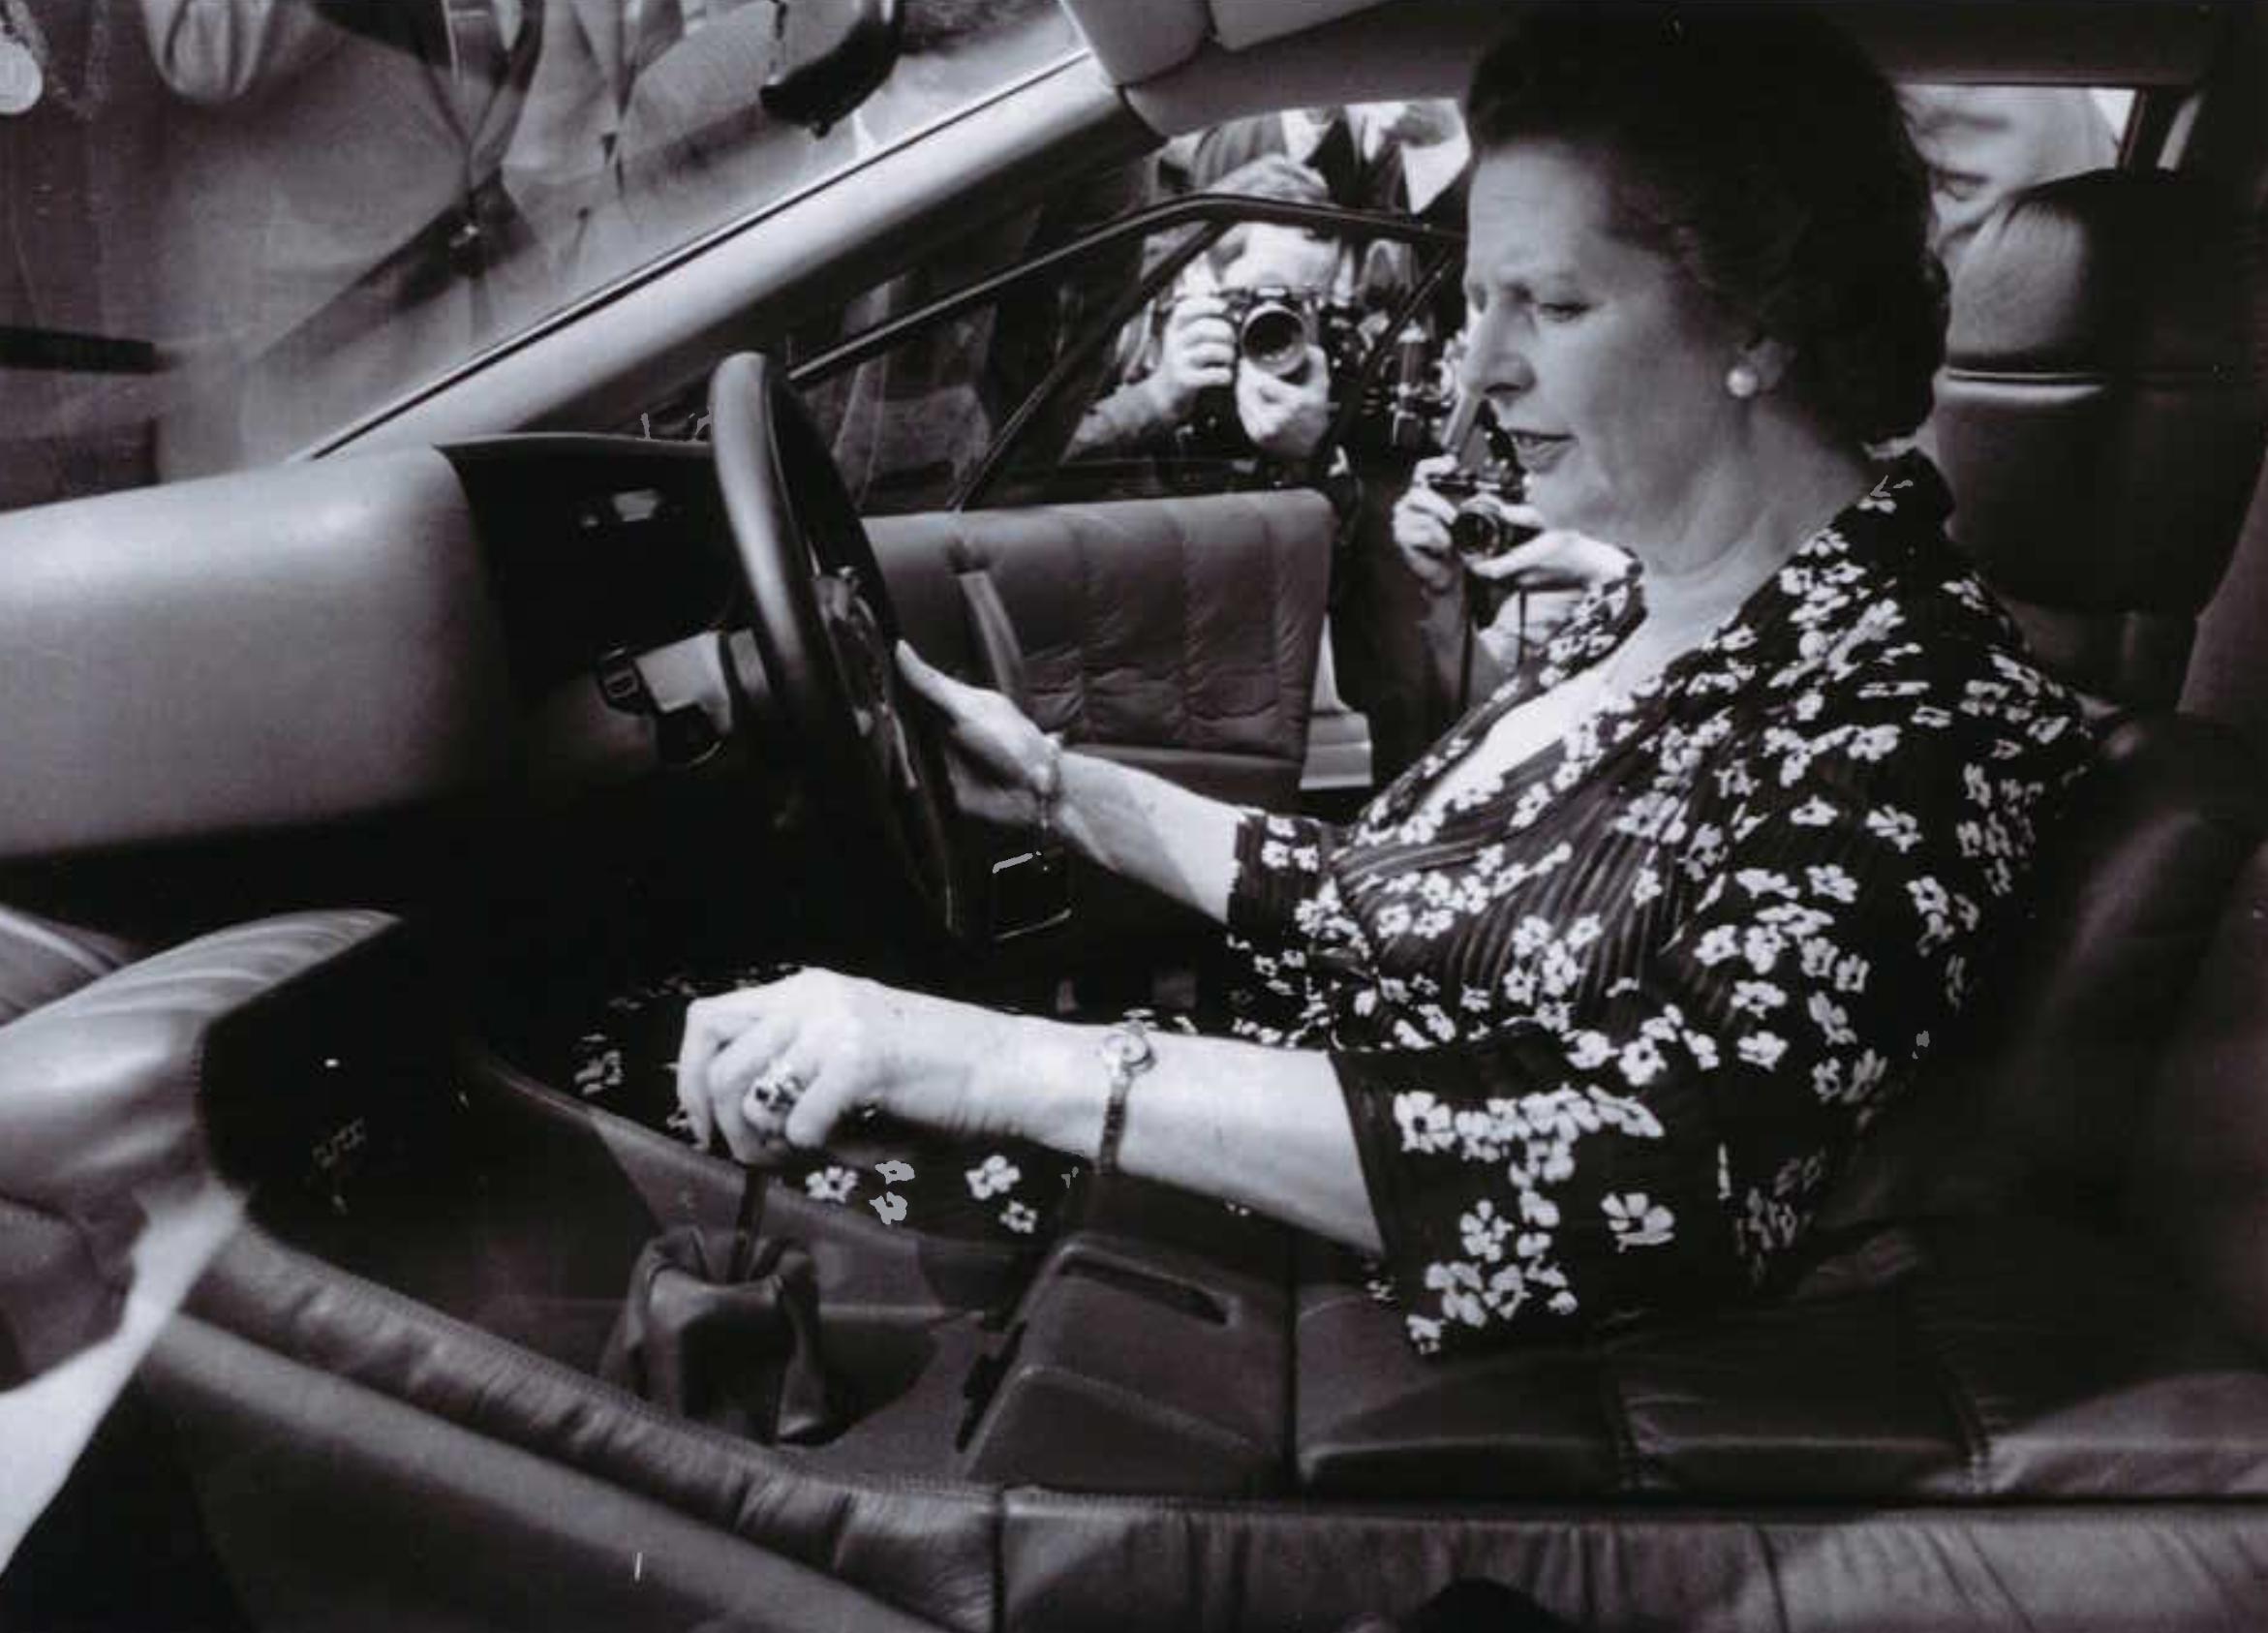 Margaret Thatcher Lotus Turbo Esprit interior